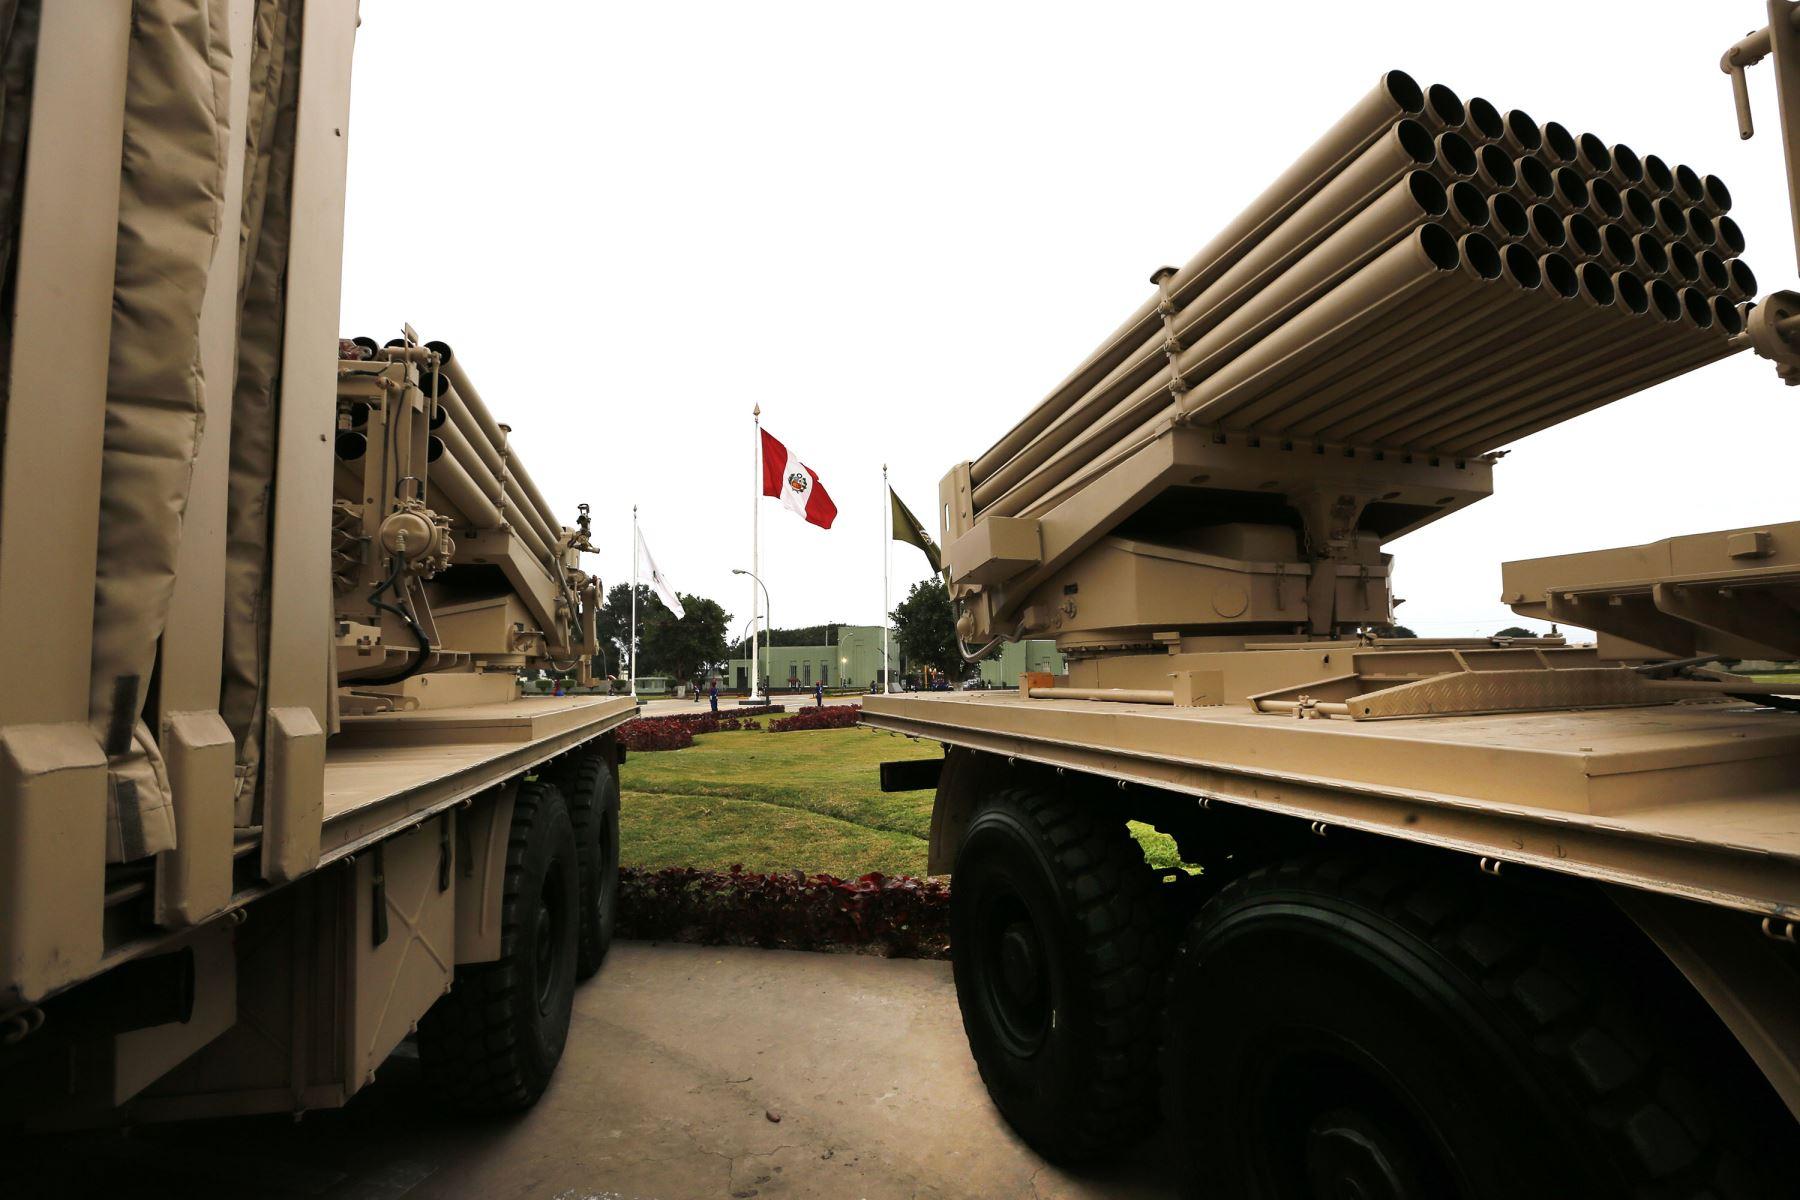 Lanzadores Múltiples de misiles 90B, adquiridos por el Perú.